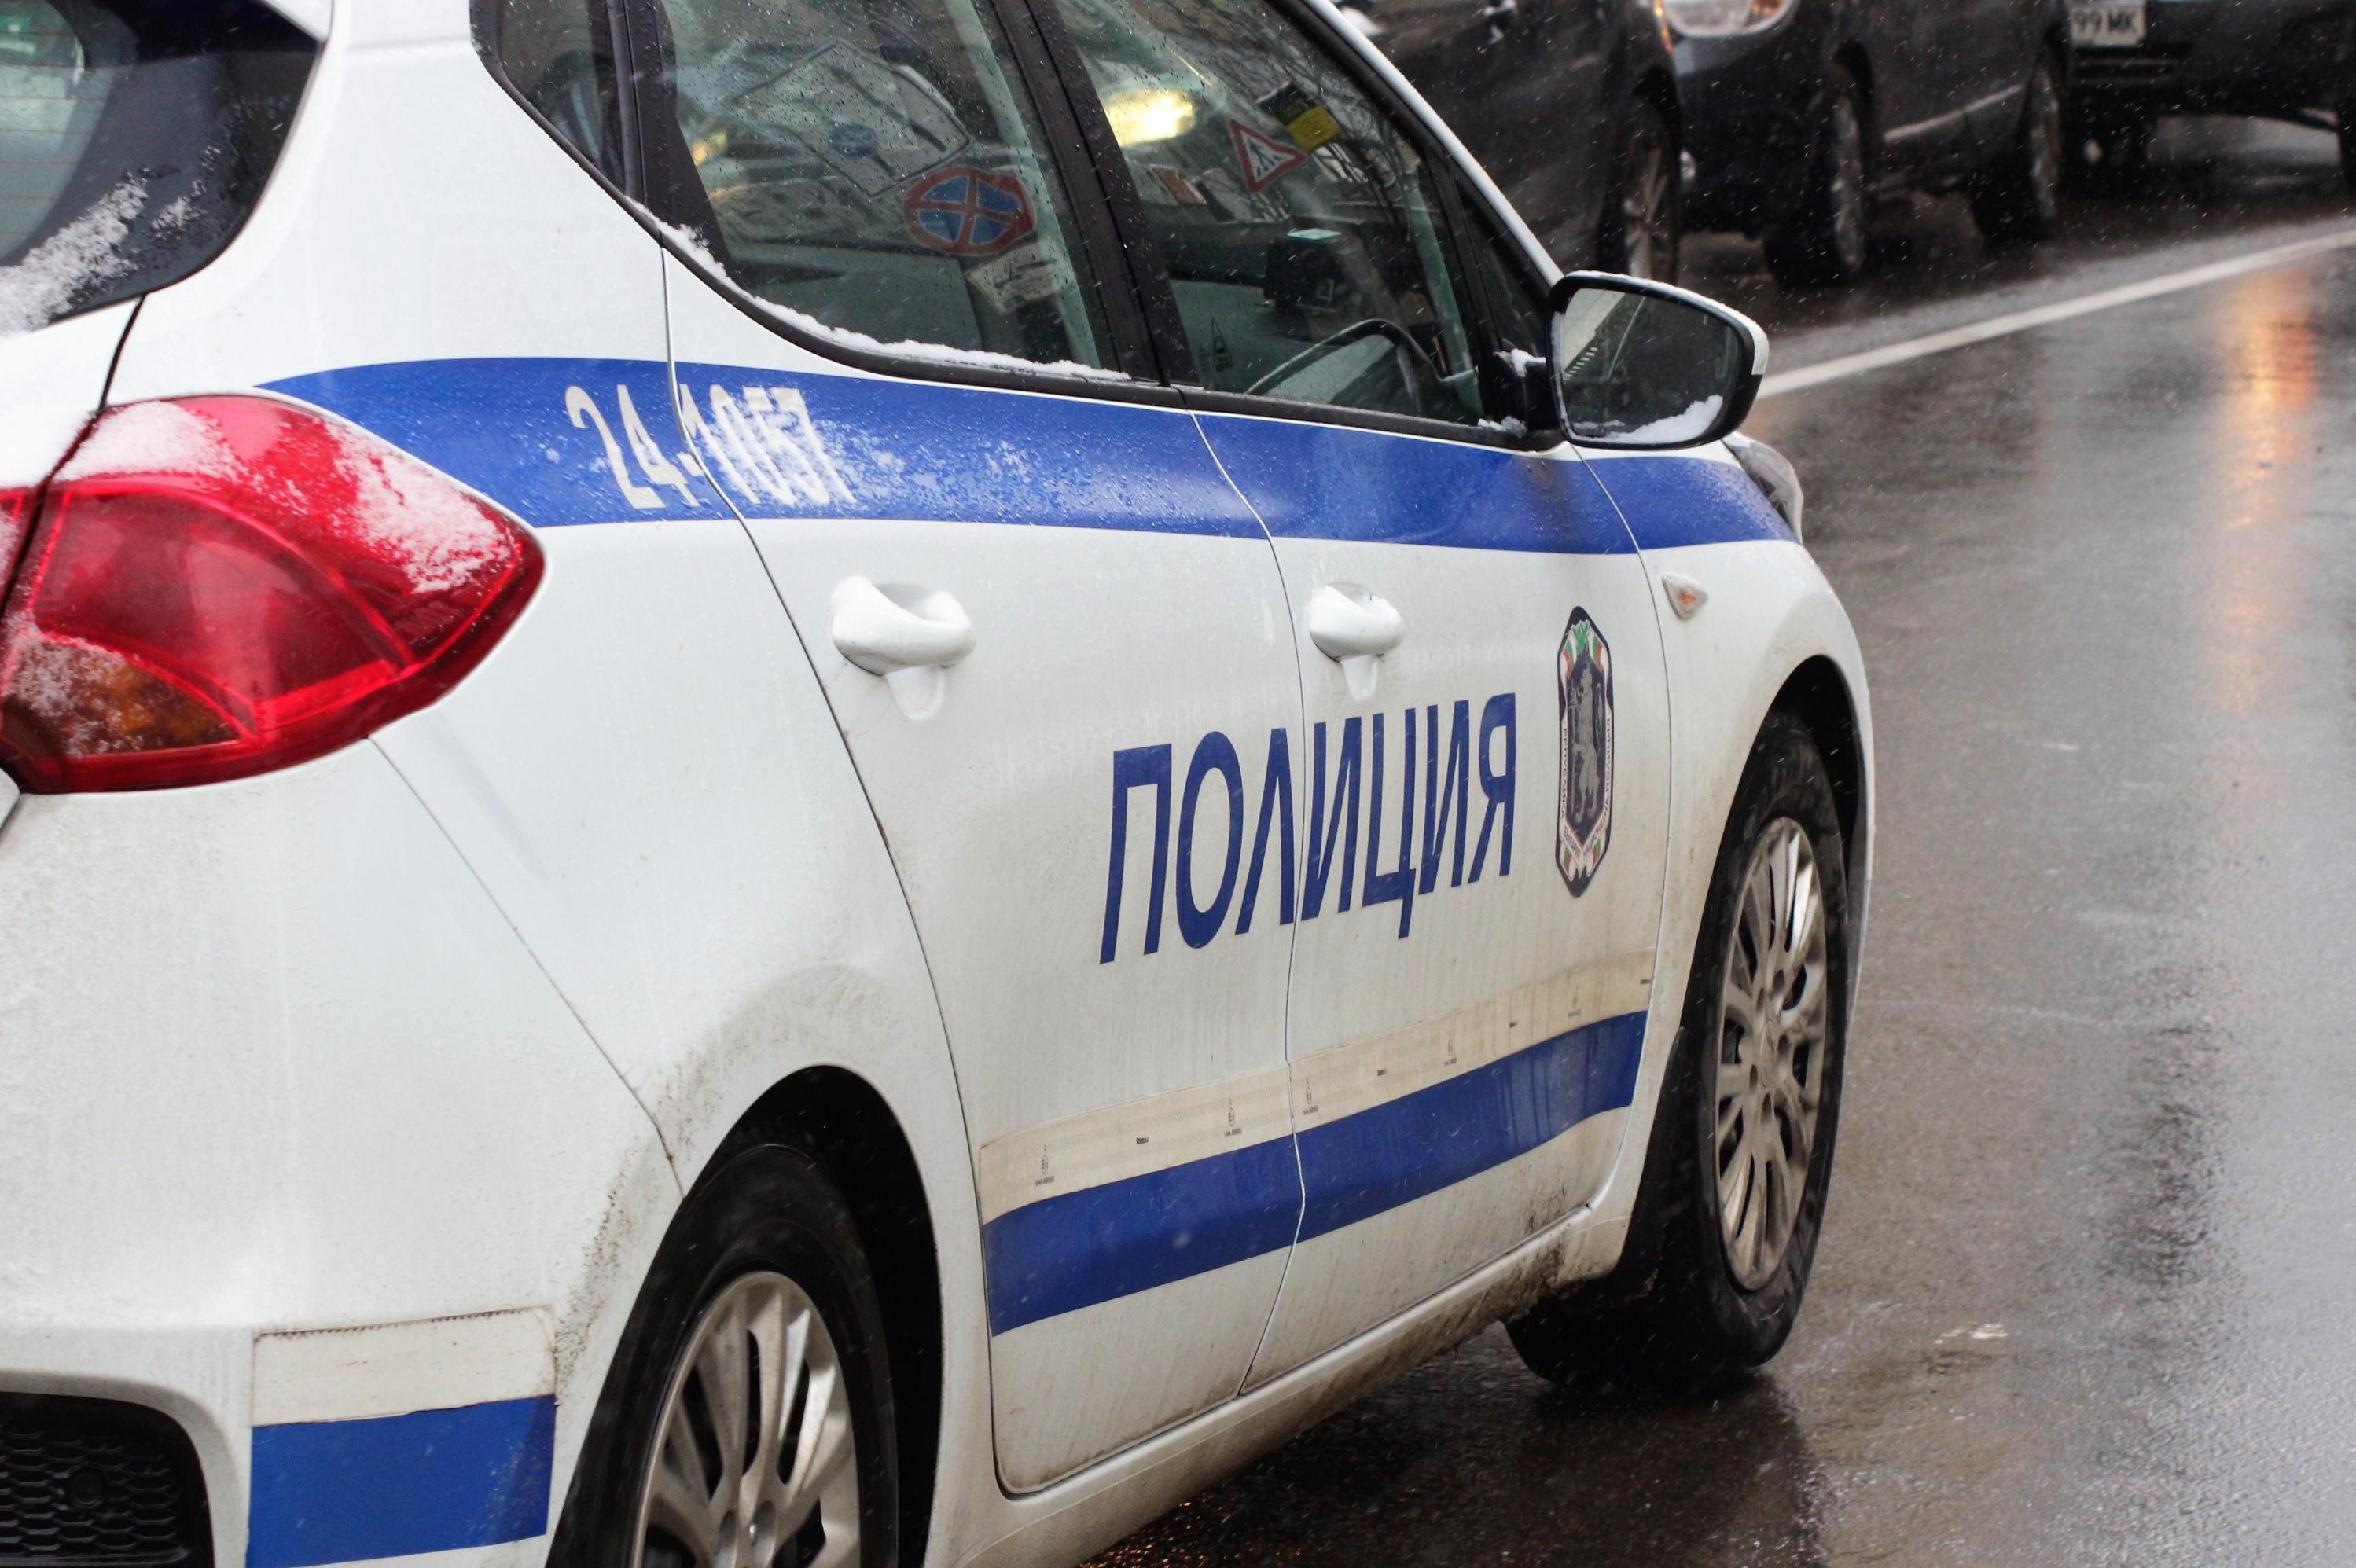 Полицаи спипаха над 12 хиляди къса контрабандни цигари във Врачеш